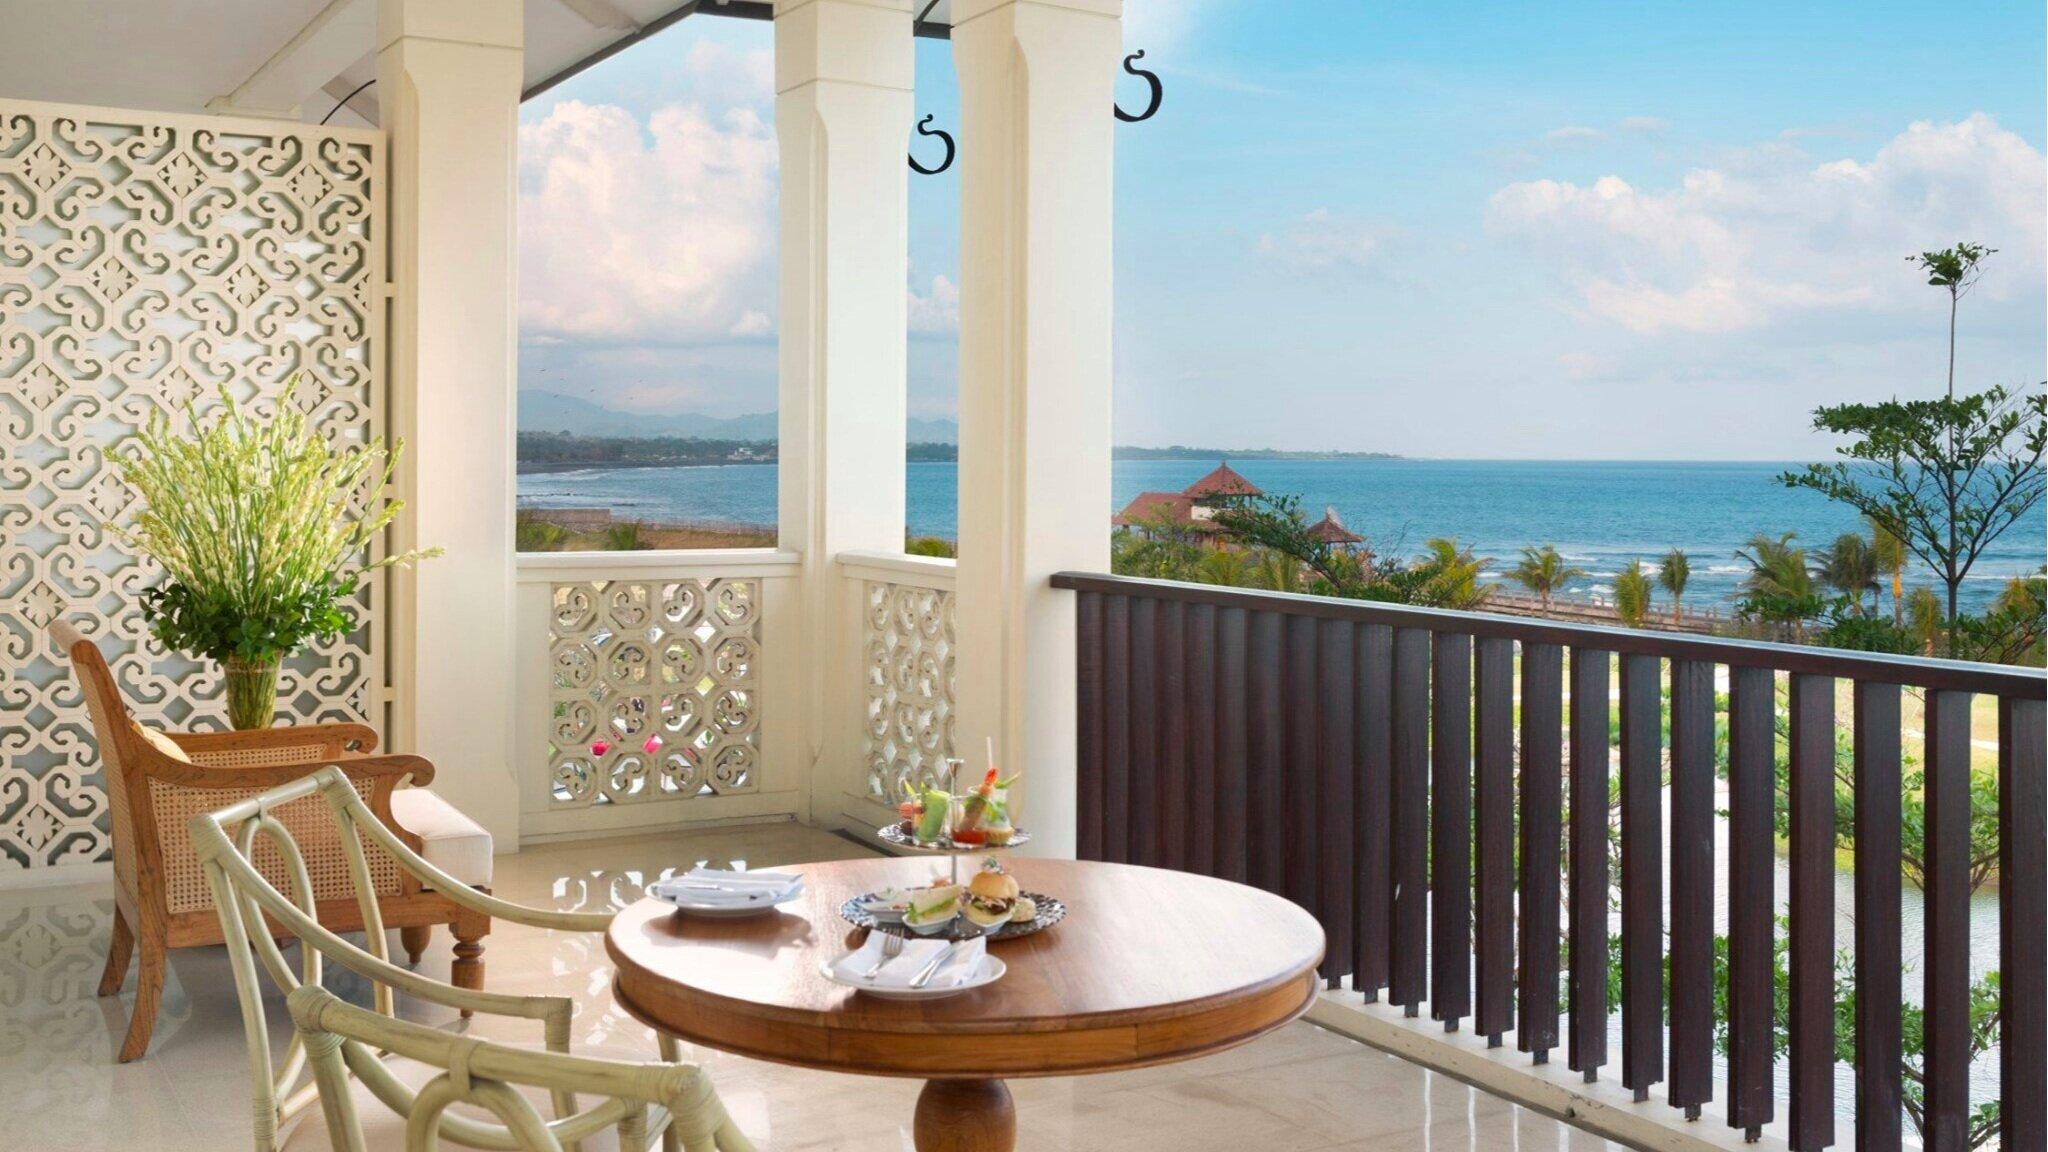 Romantic Getaway with beachview at Rumah Luwih